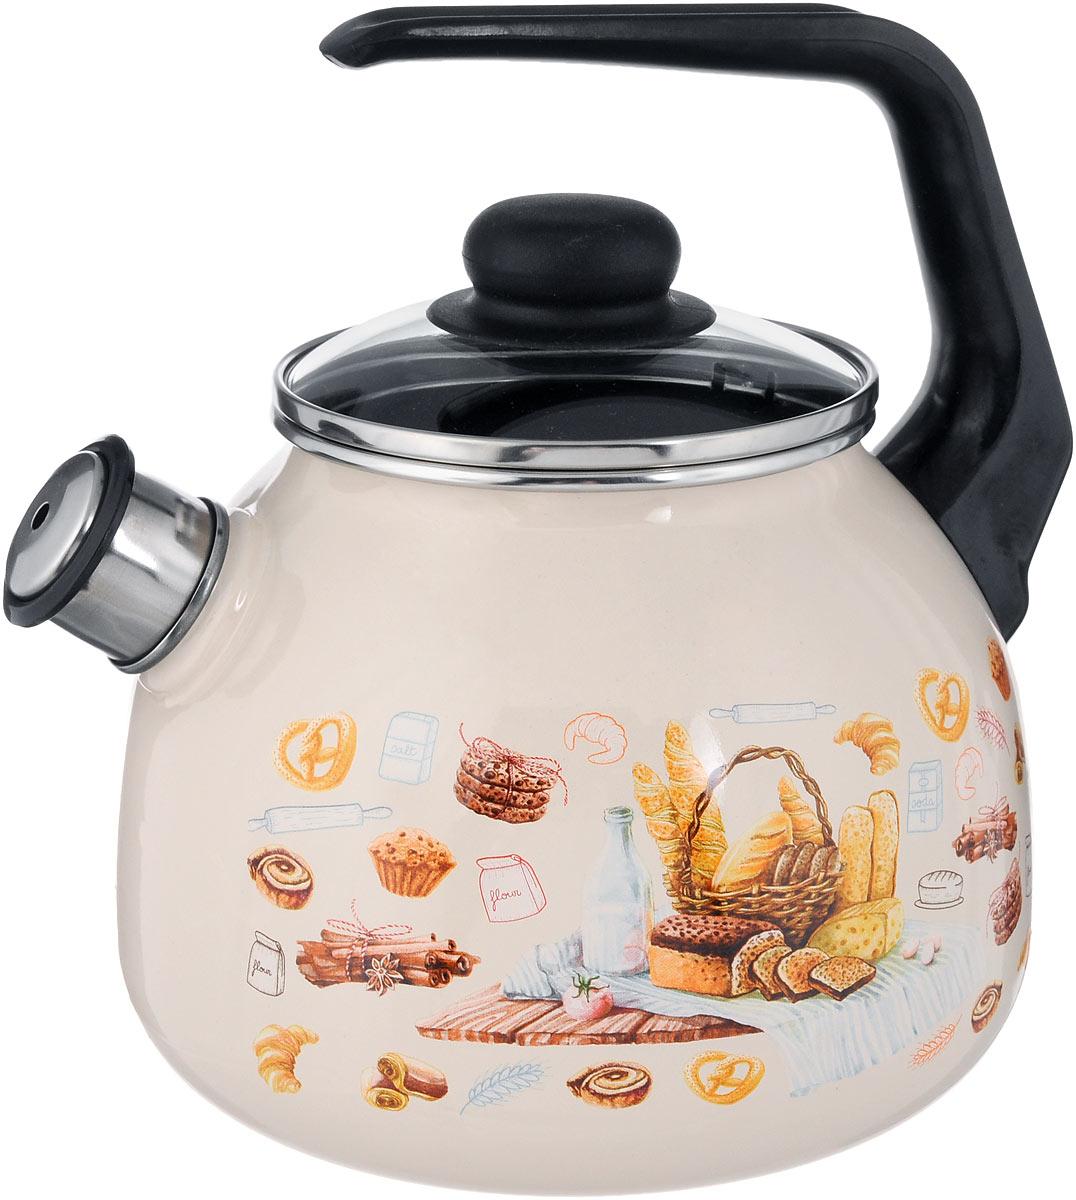 Чайник эмалированный СтальЭмаль Хлеб, со свистком, 3 л4с209/яЧайник СтальЭмаль Хлеб выполнен из высококачественного стального проката, покрытого двумя слоями жаропрочной эмали. Такое покрытие защищает сталь от коррозии, придает посуде гладкую стекловидную поверхность и надежно защищает от кислот и щелочей. Носик чайника оснащен свистком, звуковой сигнал которого подскажет, когда закипит вода. Чайник оснащен фиксированной ручкой из пластика и стеклянной крышкой, которая плотно прилегает к краю благодаря особой конструкции. Внешние стенки декорированы красочным изображением различных хлебобулочных изделий. Эстетичный и функциональный чайник будет оригинально смотреться в любом интерьере. Подходит для всех типов плит, включая индукционные. Можно мыть в посудомоечной машине. Диаметр (по верхнему краю): 12,5 см.Высота чайника (с учетом ручки): 24 см.Высота чайника (без учета ручки и крышки): 15 см.